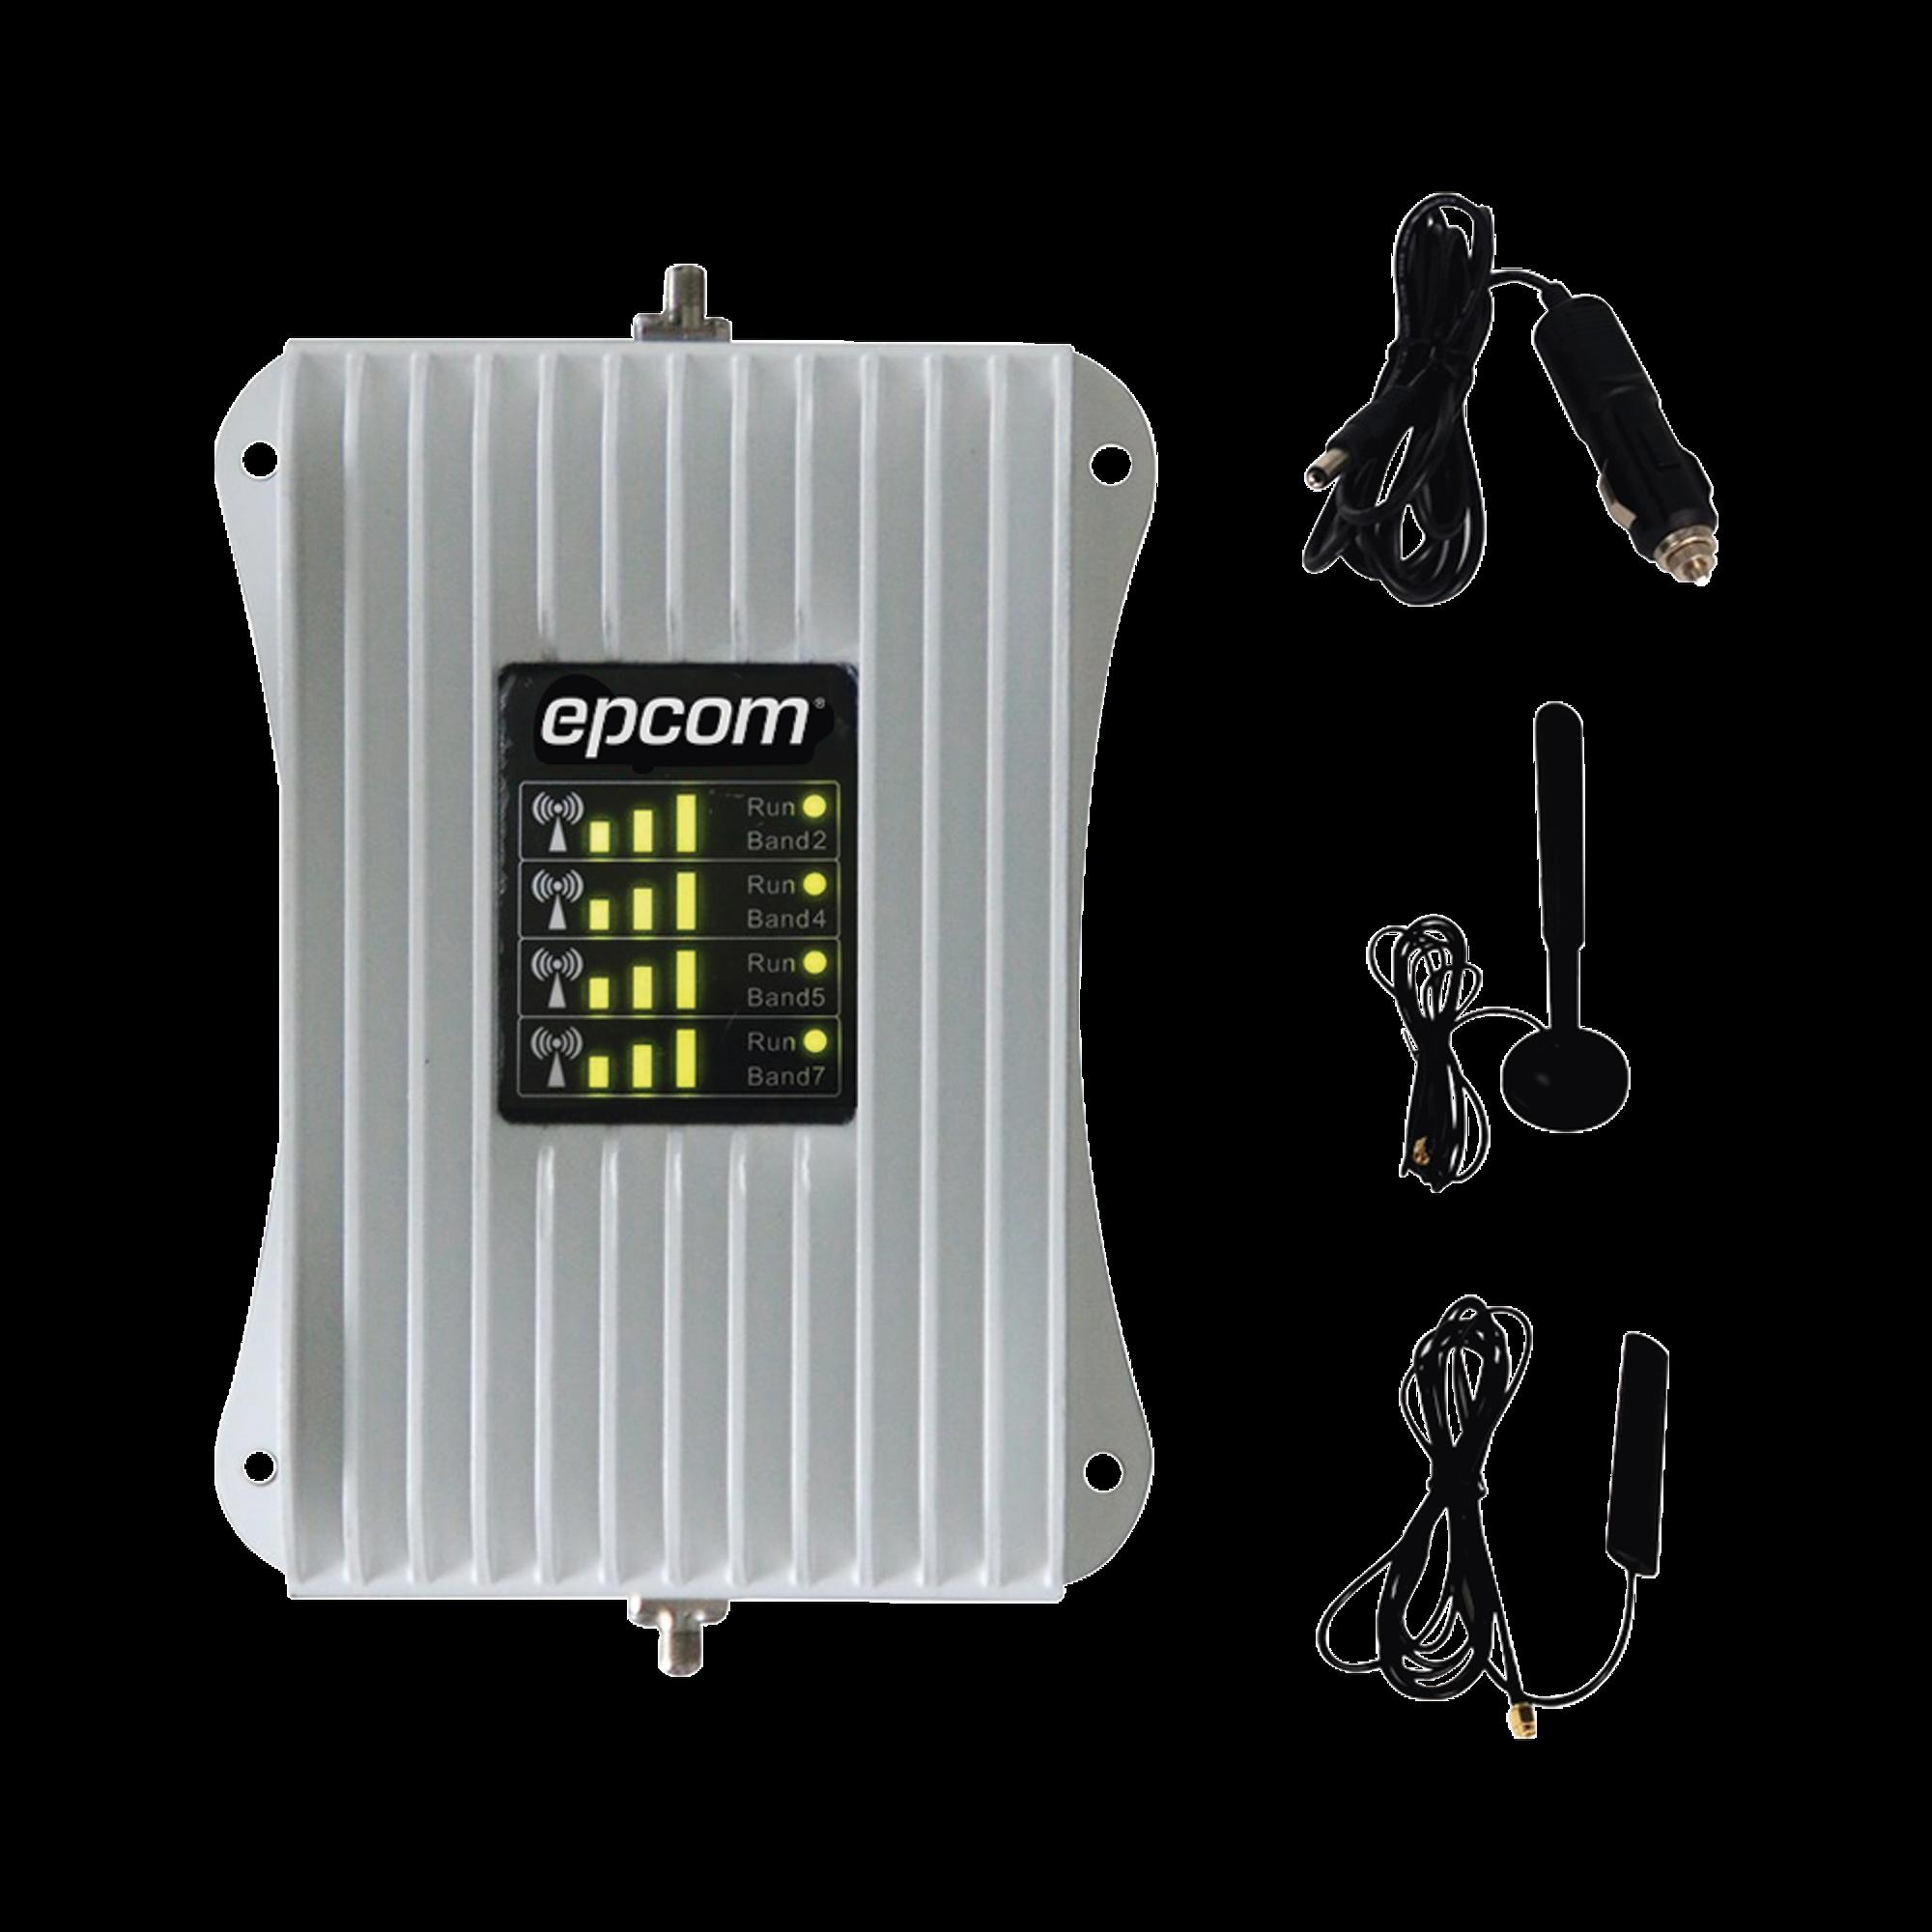 KIT de Amplificador de Señal Celular  Para Vehículo | Soporta y Mejora la Señal Celular 4.5G, 4G LTE y 3G de cualquier Operador | Multiusuarios, ideal para cualquier tipo de Vehículo de Pasajeros, Camioneta, Pick up o Sed&aacut